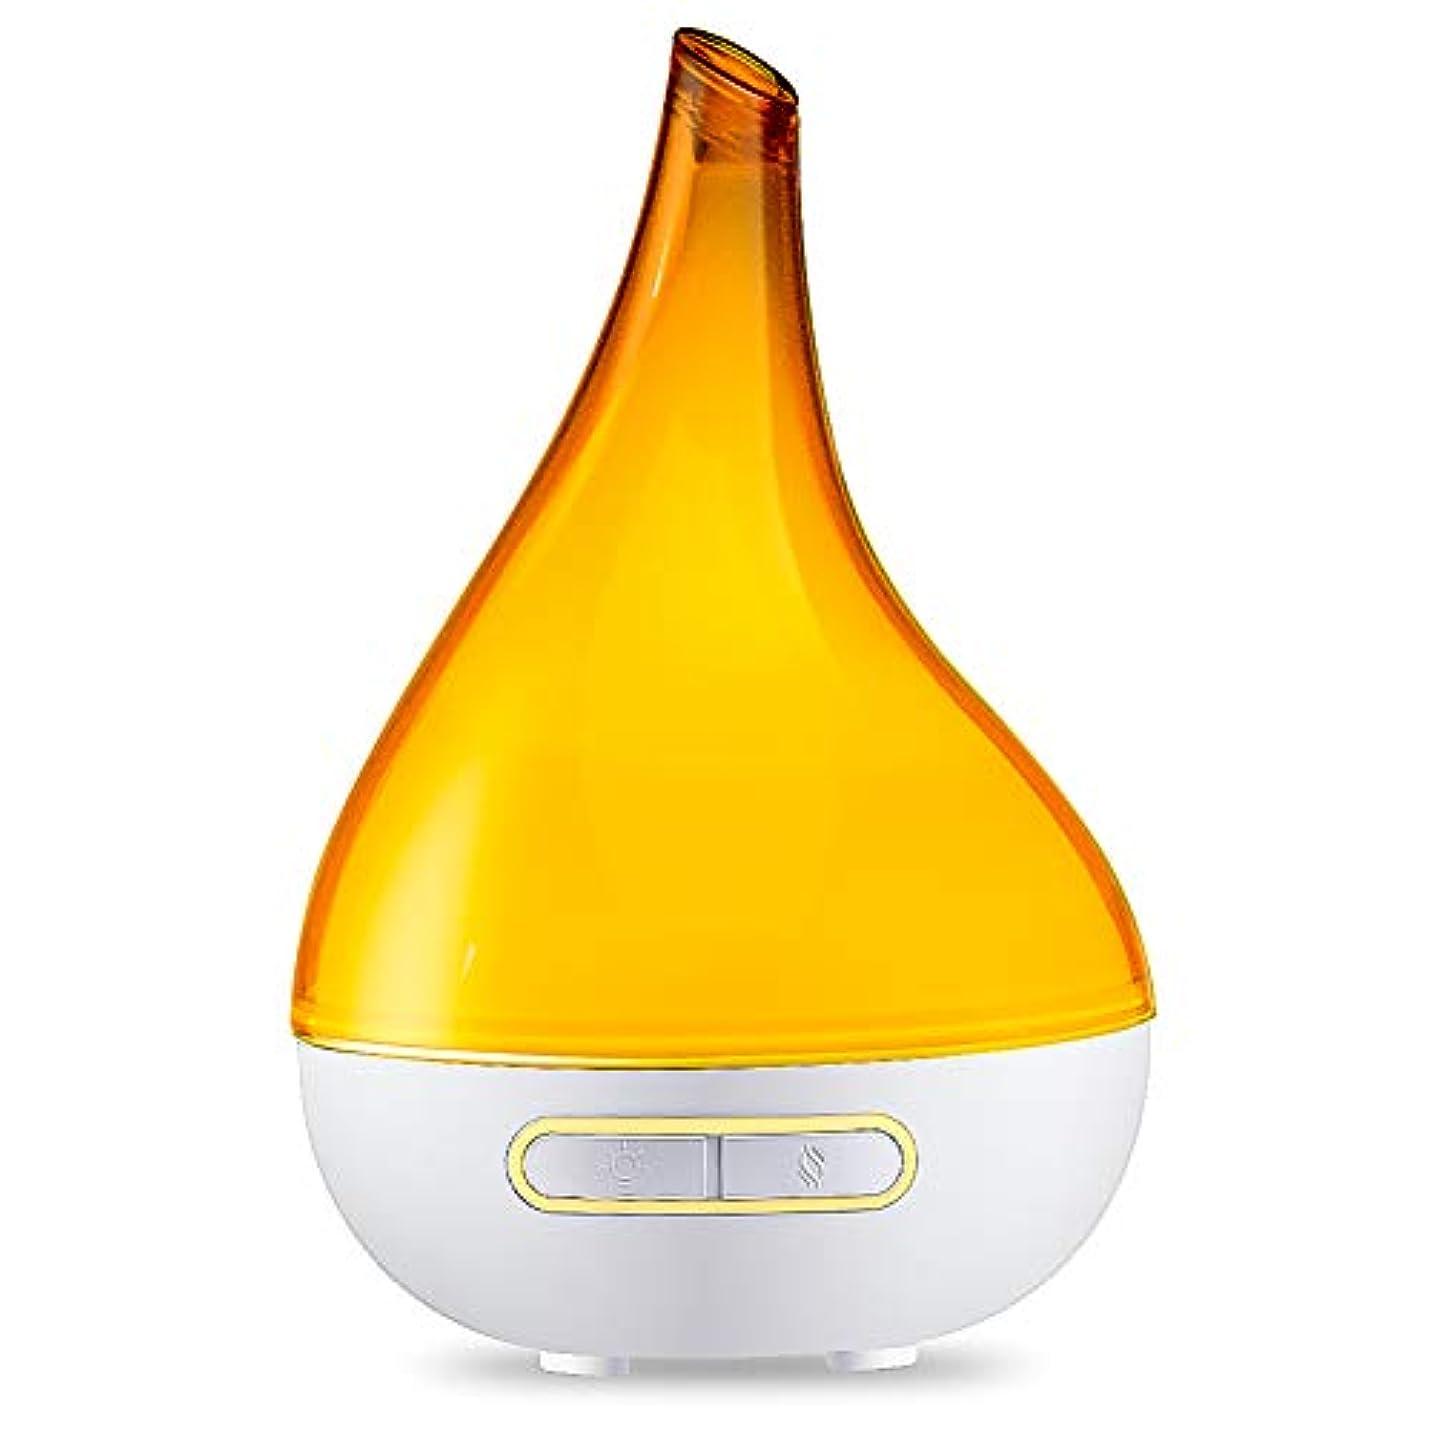 薬局一元化する言い訳超音波 エッセンシャル オイル ディフューザー 電気 涼しい霧の加湿器 調節可能なミスト付け アロマディフューザー 夜間照明付き 赤ちゃんの家-オレンジ 15x23.7cm